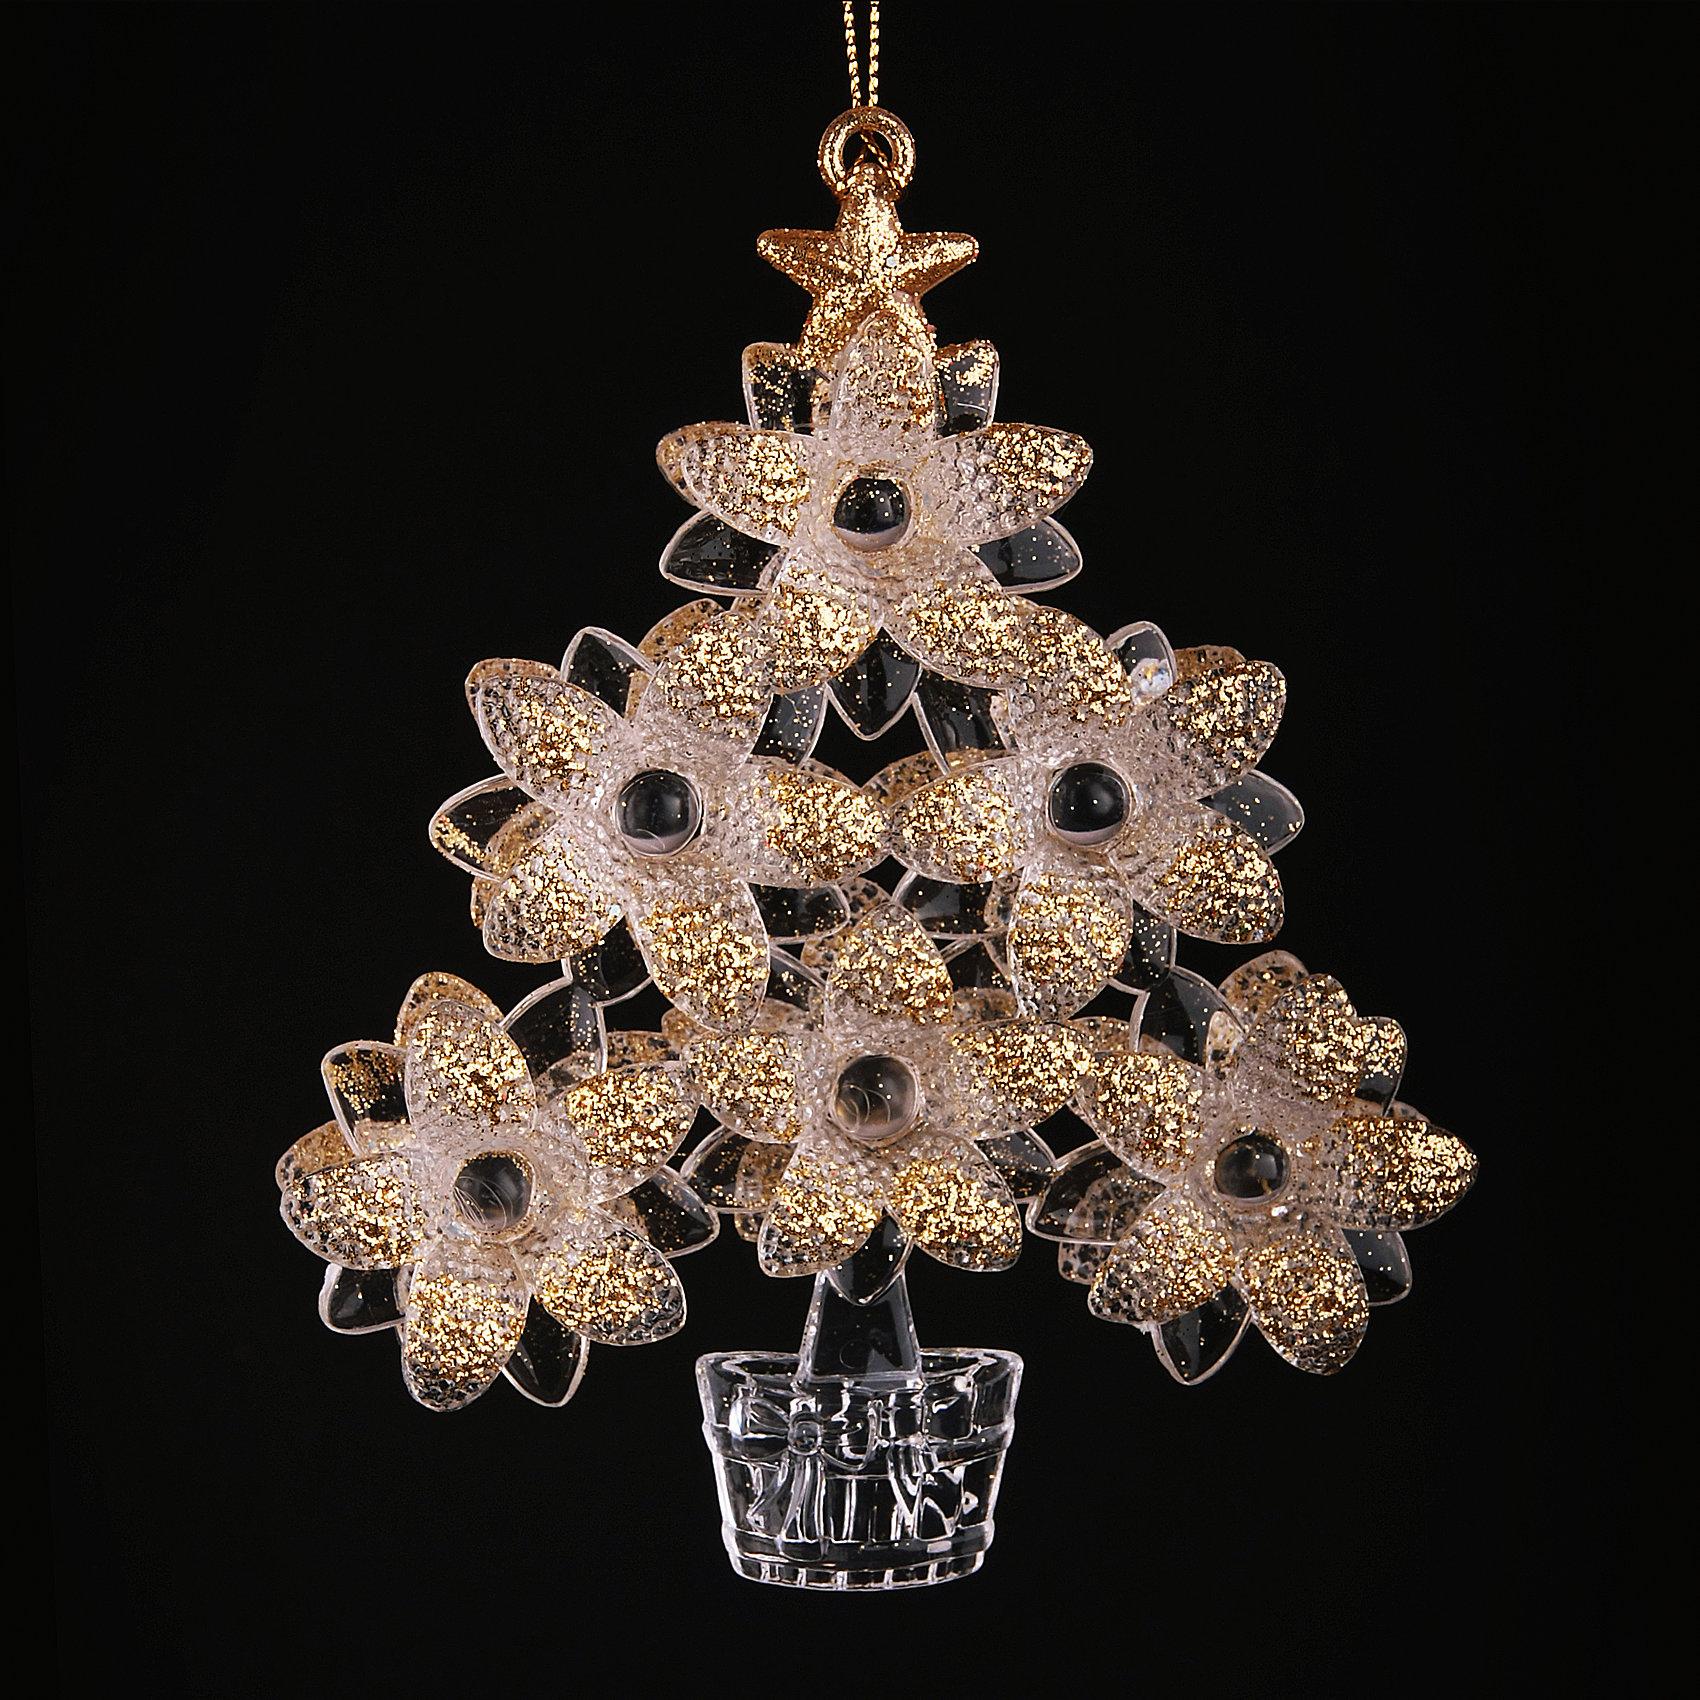 Новогоднее украшение ДеревоНовогоднее украшение – это декоративное украшение замечательно украсит интерьер.<br>Оригинальное новогоднее украшение прекрасно подойдет для праздничного декора дома и новогодней ели. Украшение выполнено из пластика в виде цветущего дерева. С помощью специальной петельки его можно повесить в любом понравившемся вам месте. Но, конечно, удачнее всего такая игрушка будет смотреться на праздничной елке. Новогодние украшения приносят в дом волшебство и ощущение праздника. Создайте в своем доме атмосферу веселья и радости, украшая новогоднюю елку нарядными игрушками, которые будут из года в год накапливать теплоту воспоминаний.<br><br>Дополнительная информация:<br><br>- Материал: пластик<br><br>Новогоднее украшение принесет в ваш дом ни с чем несравнимое ощущение волшебства!<br><br>Новогоднее украшение можно купить в нашем интернет-магазине.<br><br>Ширина мм: 240<br>Глубина мм: 130<br>Высота мм: 200<br>Вес г: 100<br>Возраст от месяцев: 36<br>Возраст до месяцев: 2147483647<br>Пол: Унисекс<br>Возраст: Детский<br>SKU: 4276453